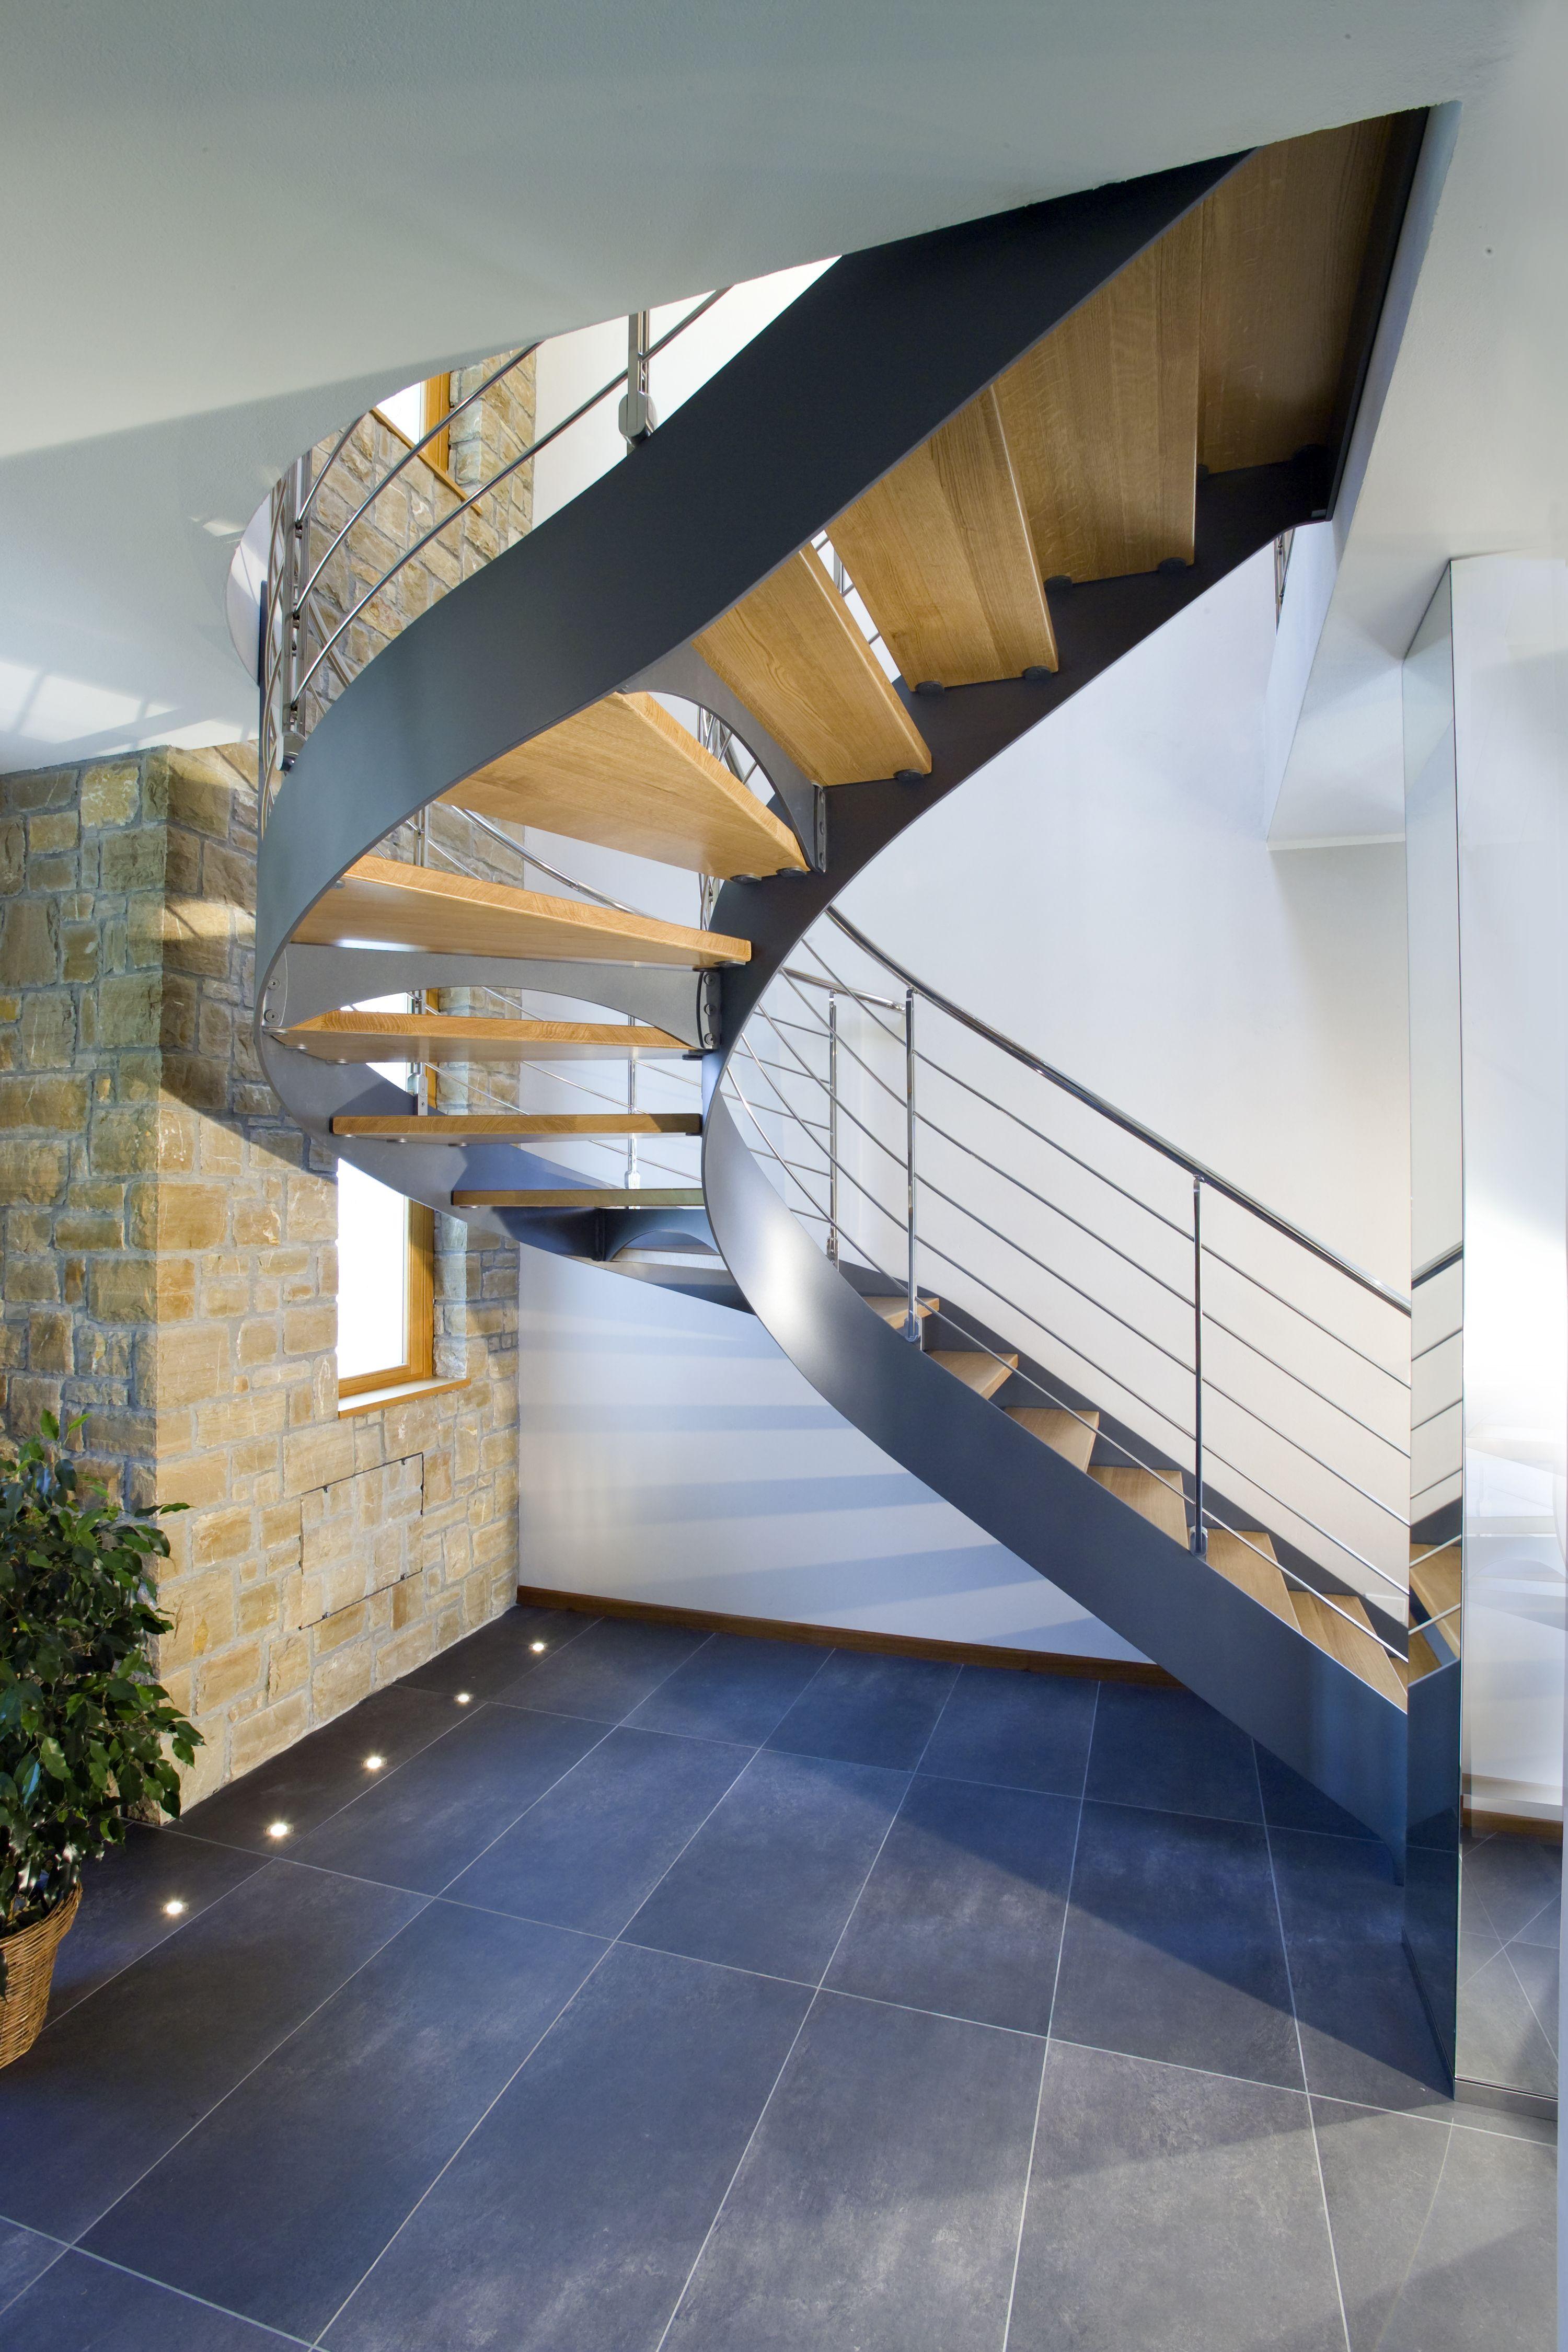 escalier demi tournant limons lat raux marches en bois structure en acier d couvrez les. Black Bedroom Furniture Sets. Home Design Ideas